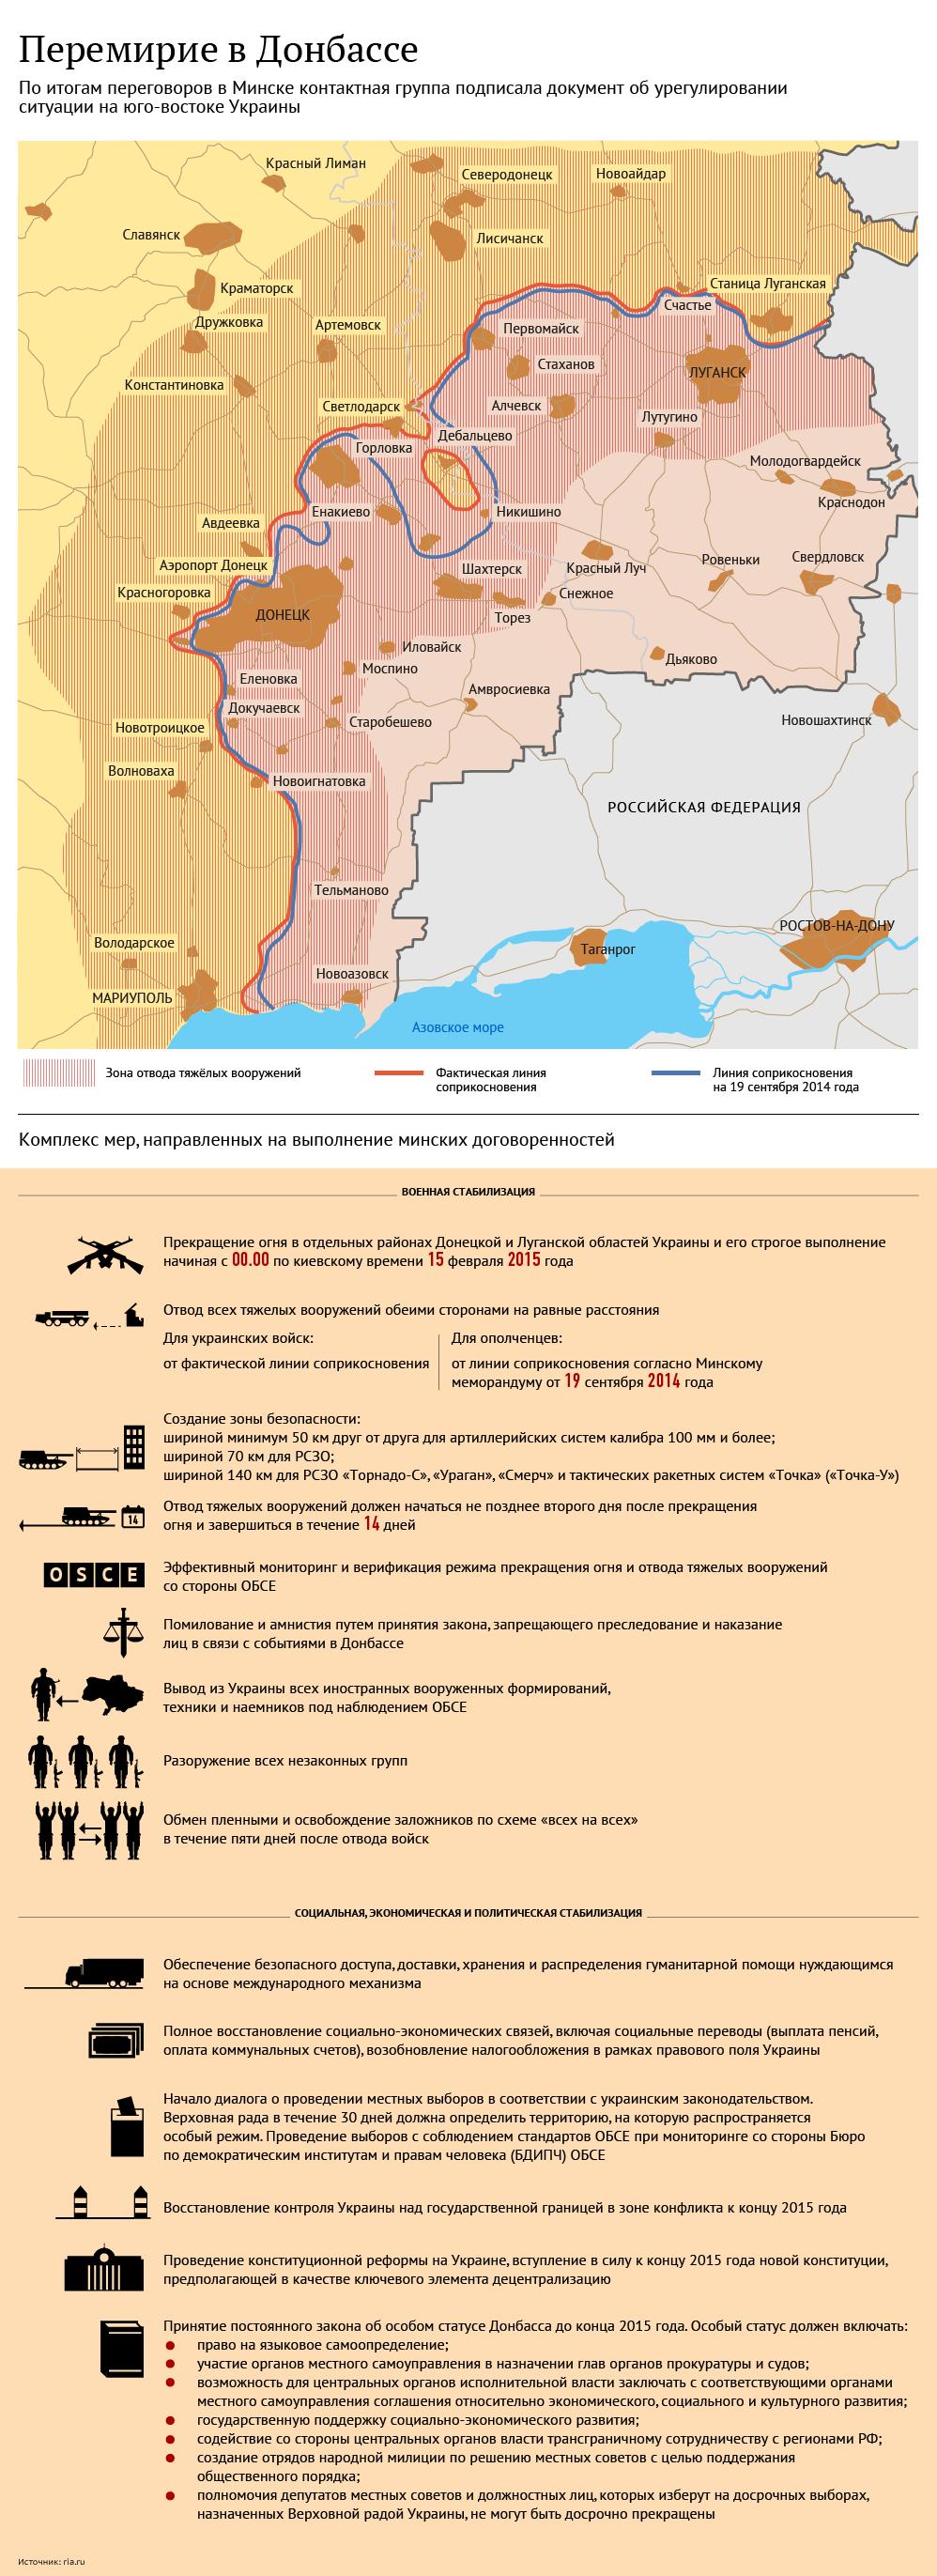 Перемирие в Донбассе